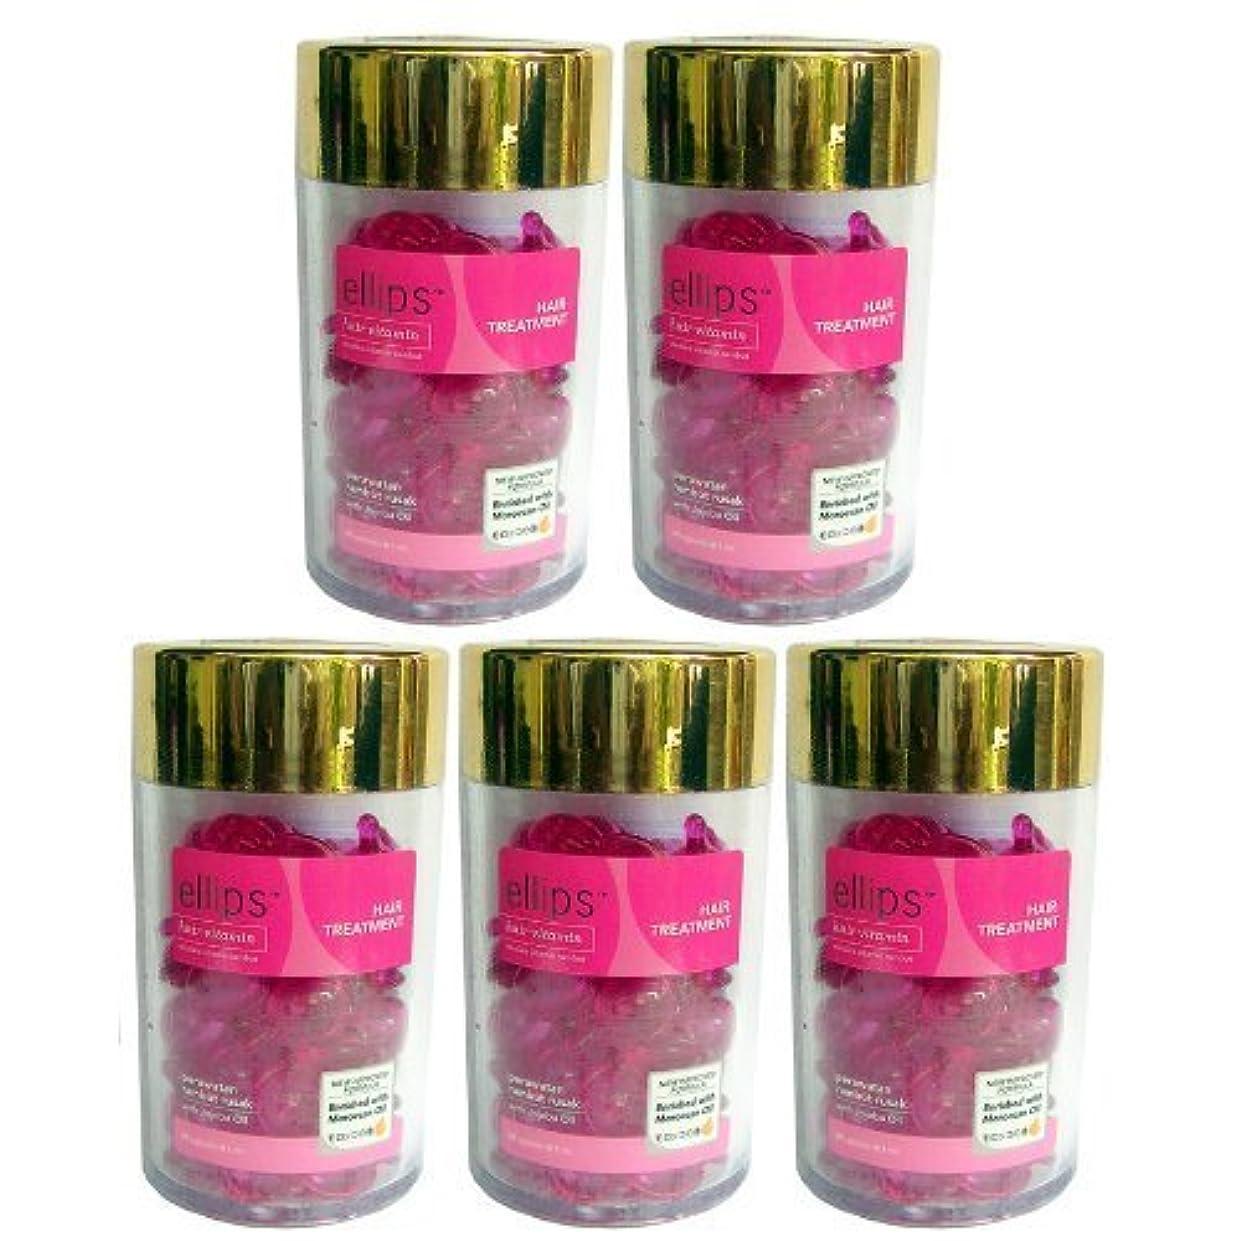 シャンプータイピスト勧告エリプス(Ellips) ヘアビタミン(50粒入)5個セット ピンク [海外直送品] [並行輸入品]